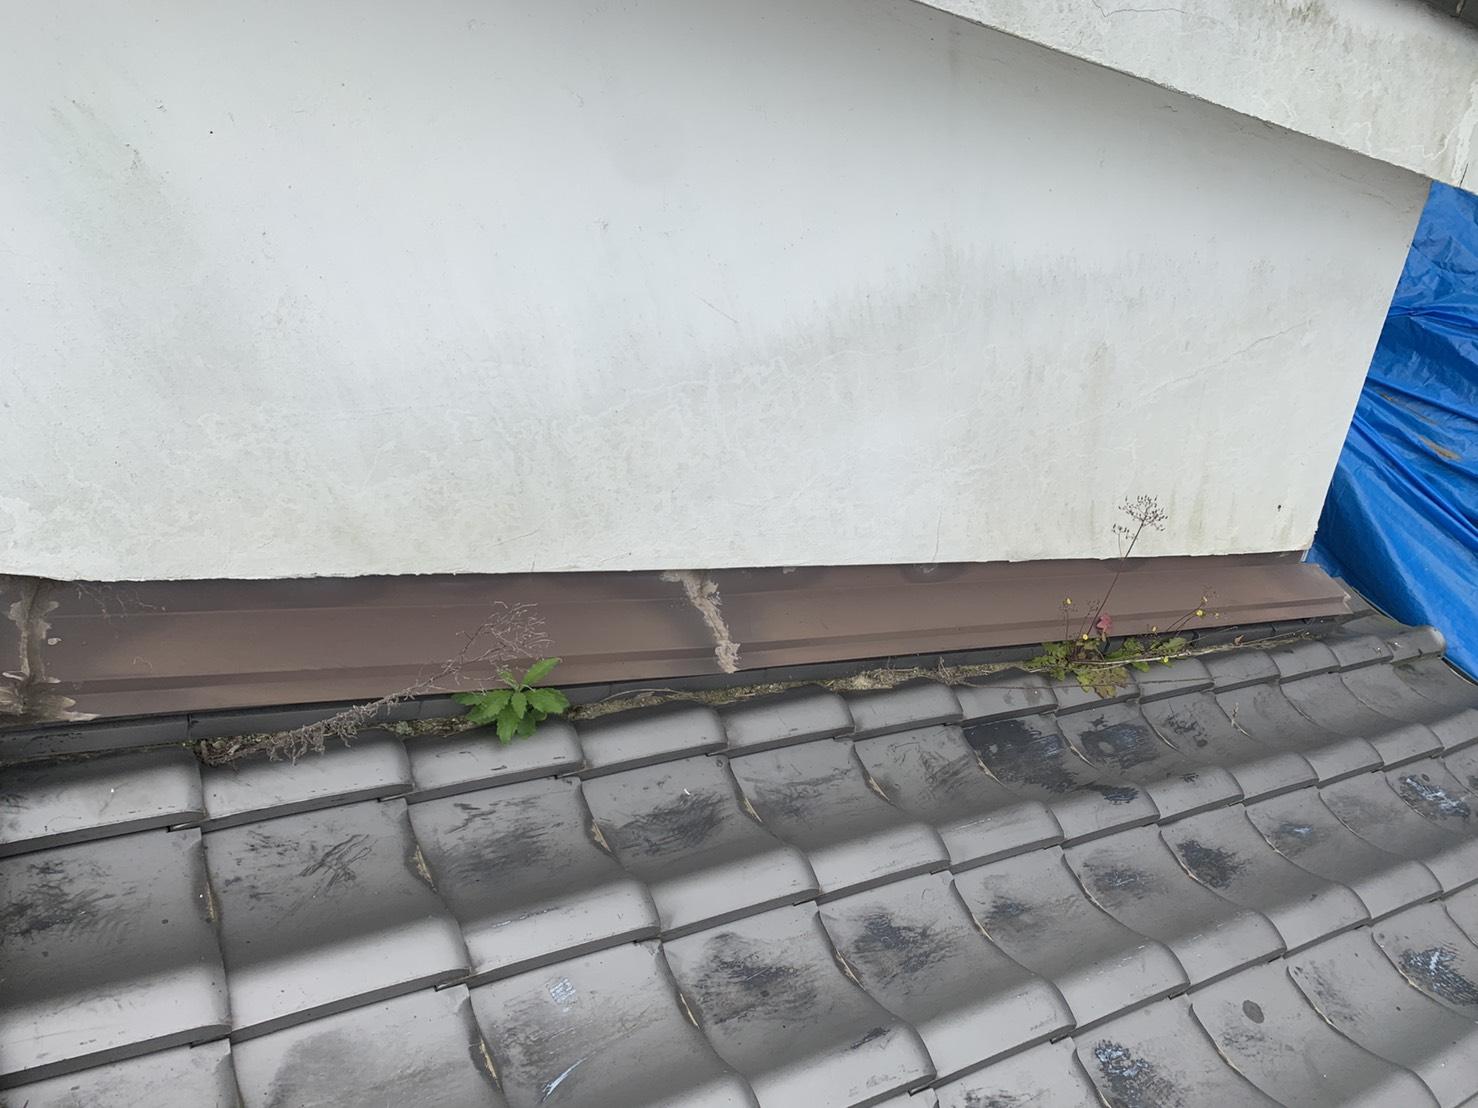 神戸市中央区の雨漏り調査で壁際に草が生えている様子